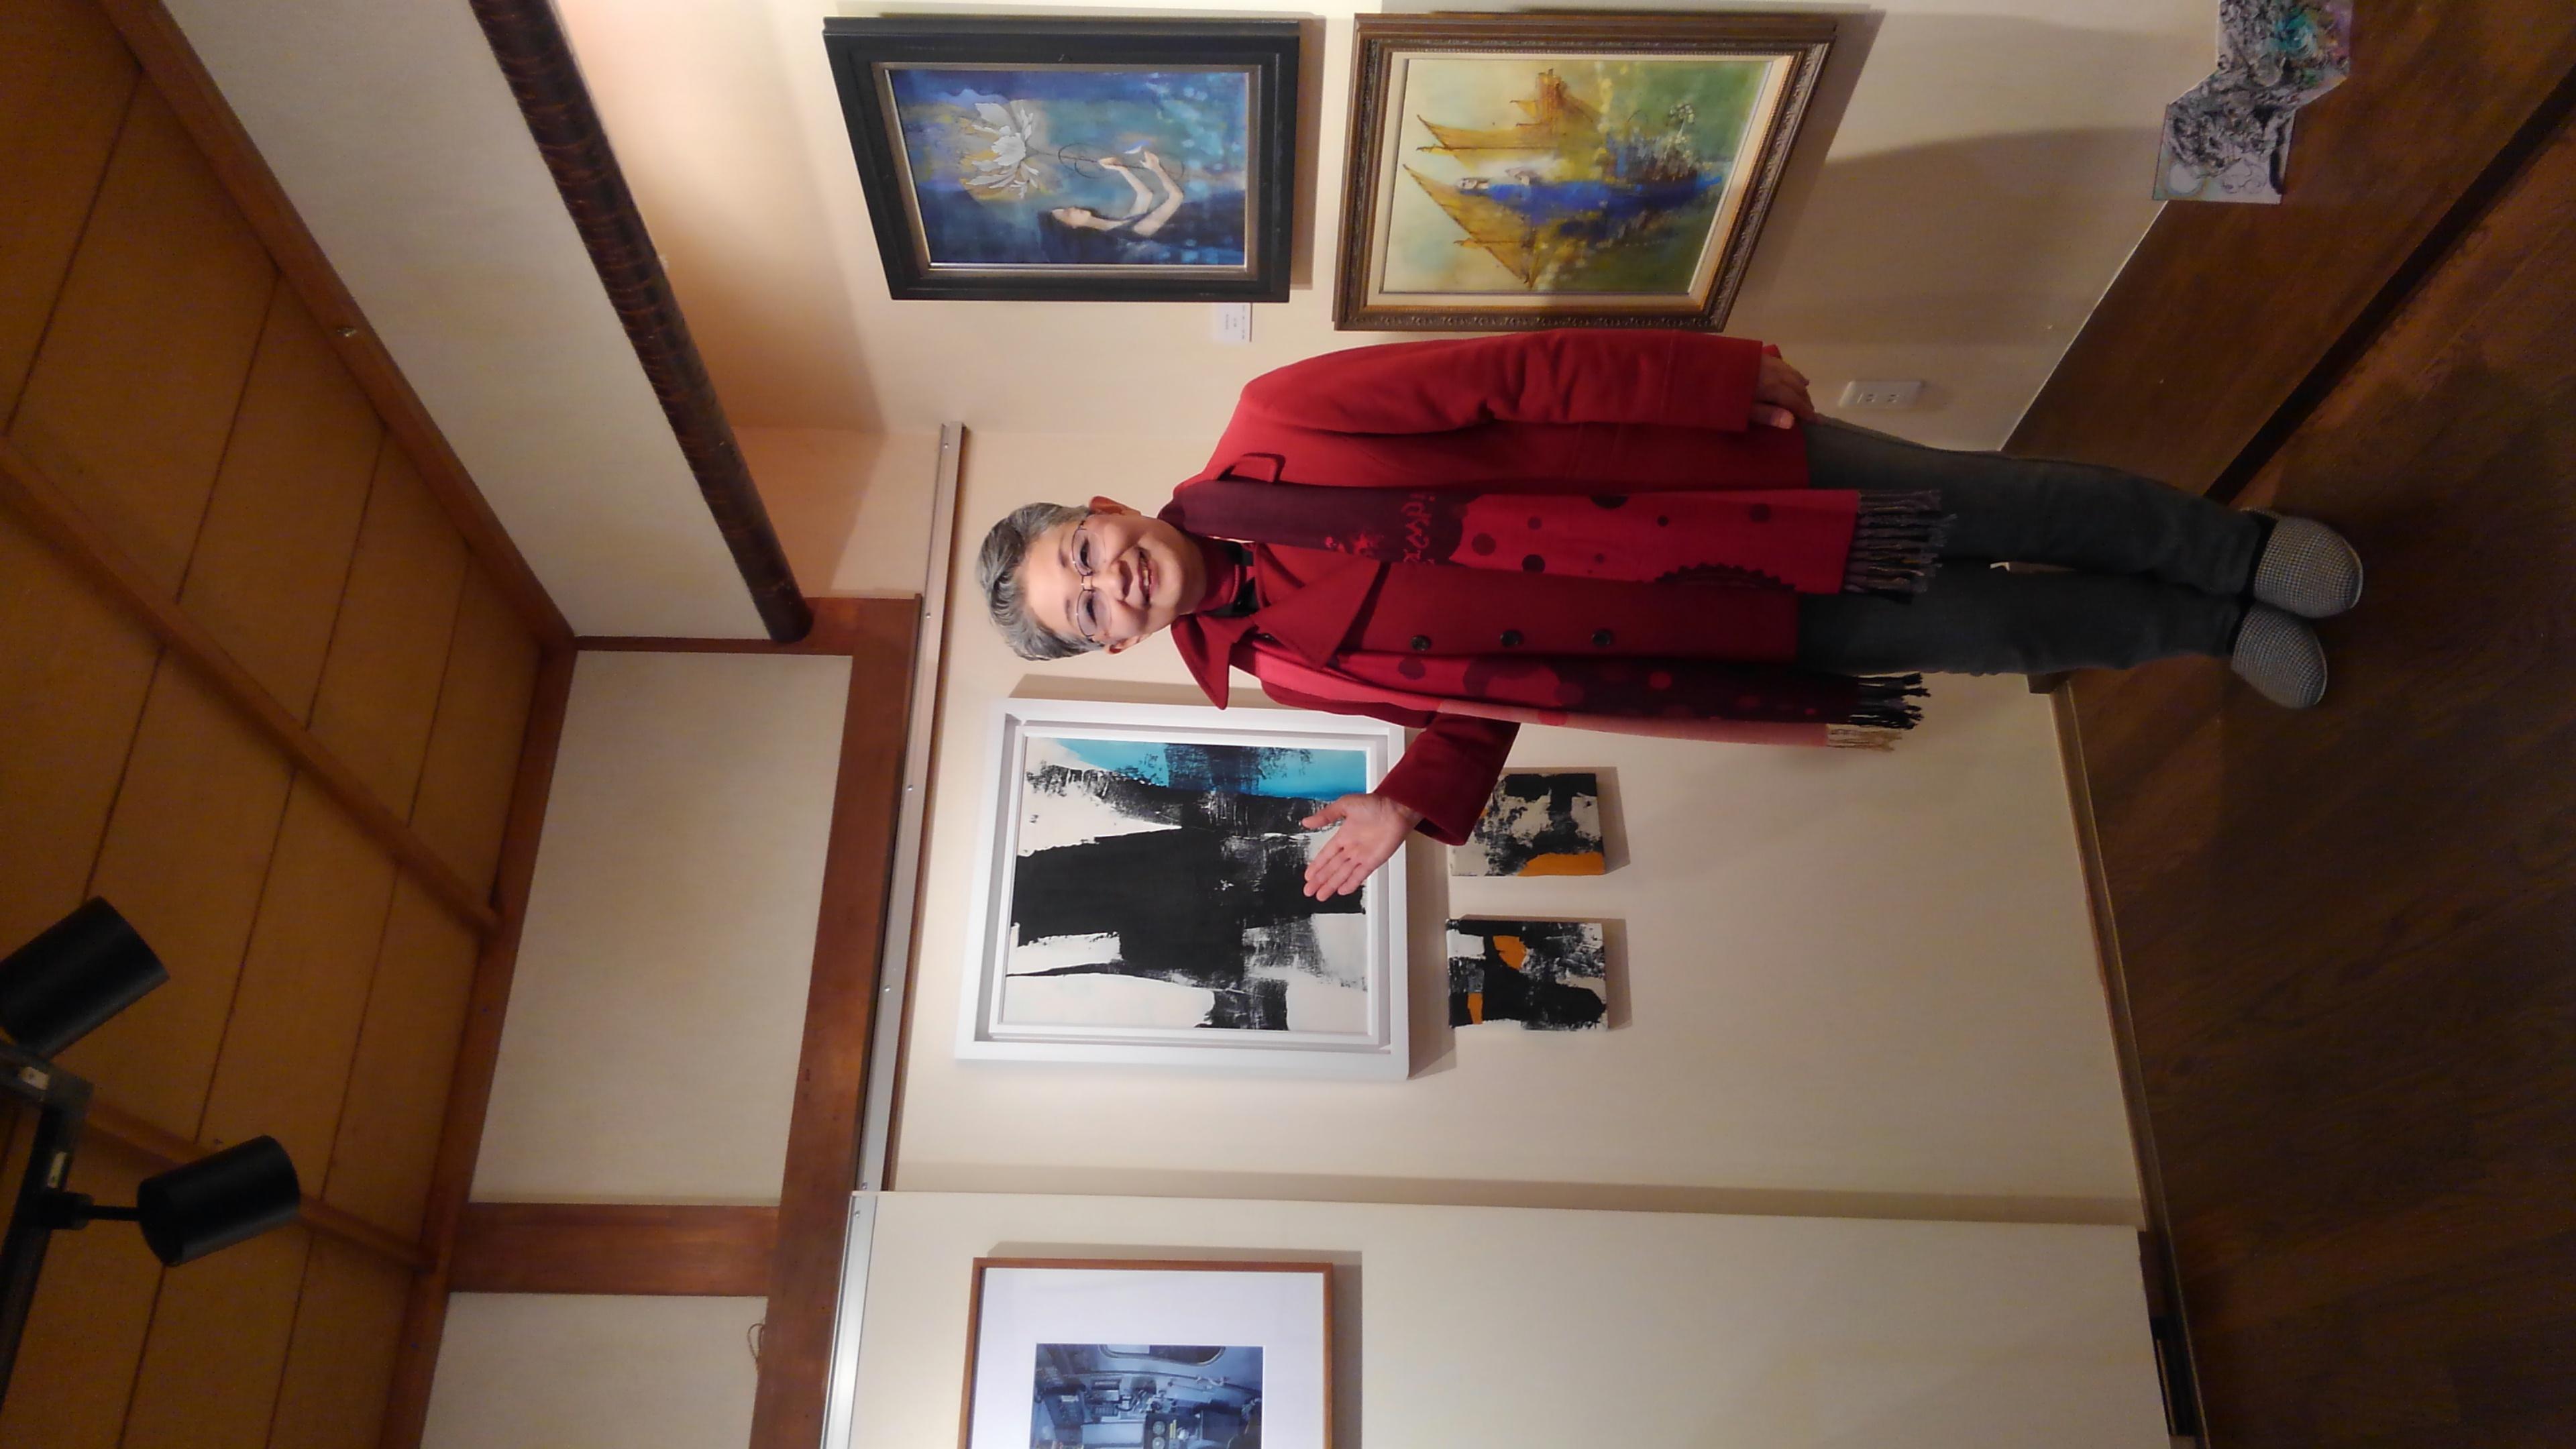 高槻の画廊「アートデアートビュー」で12人の作家さんによるFuture world ~未来~へ行きました🍀